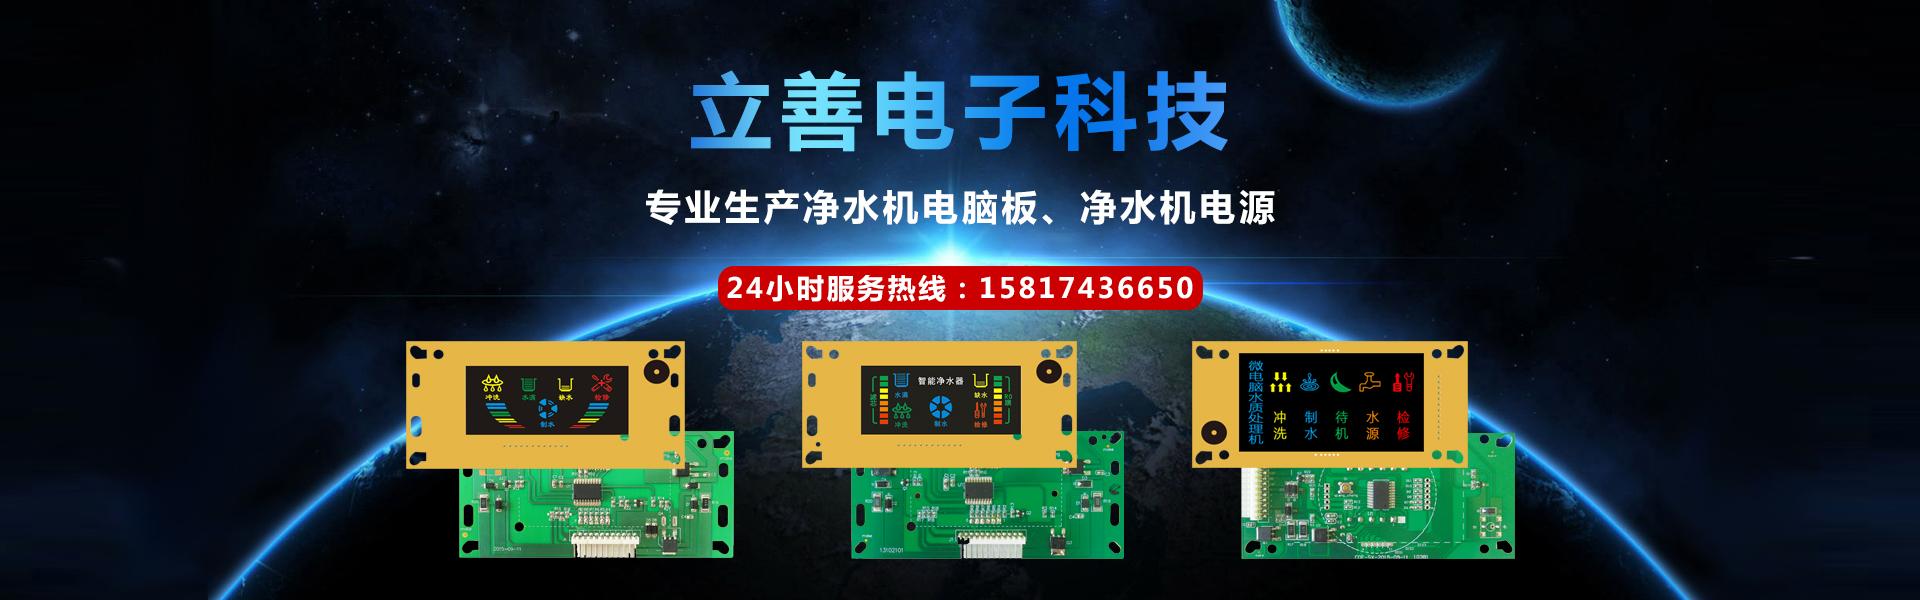 深圳立善电子科技有限公司